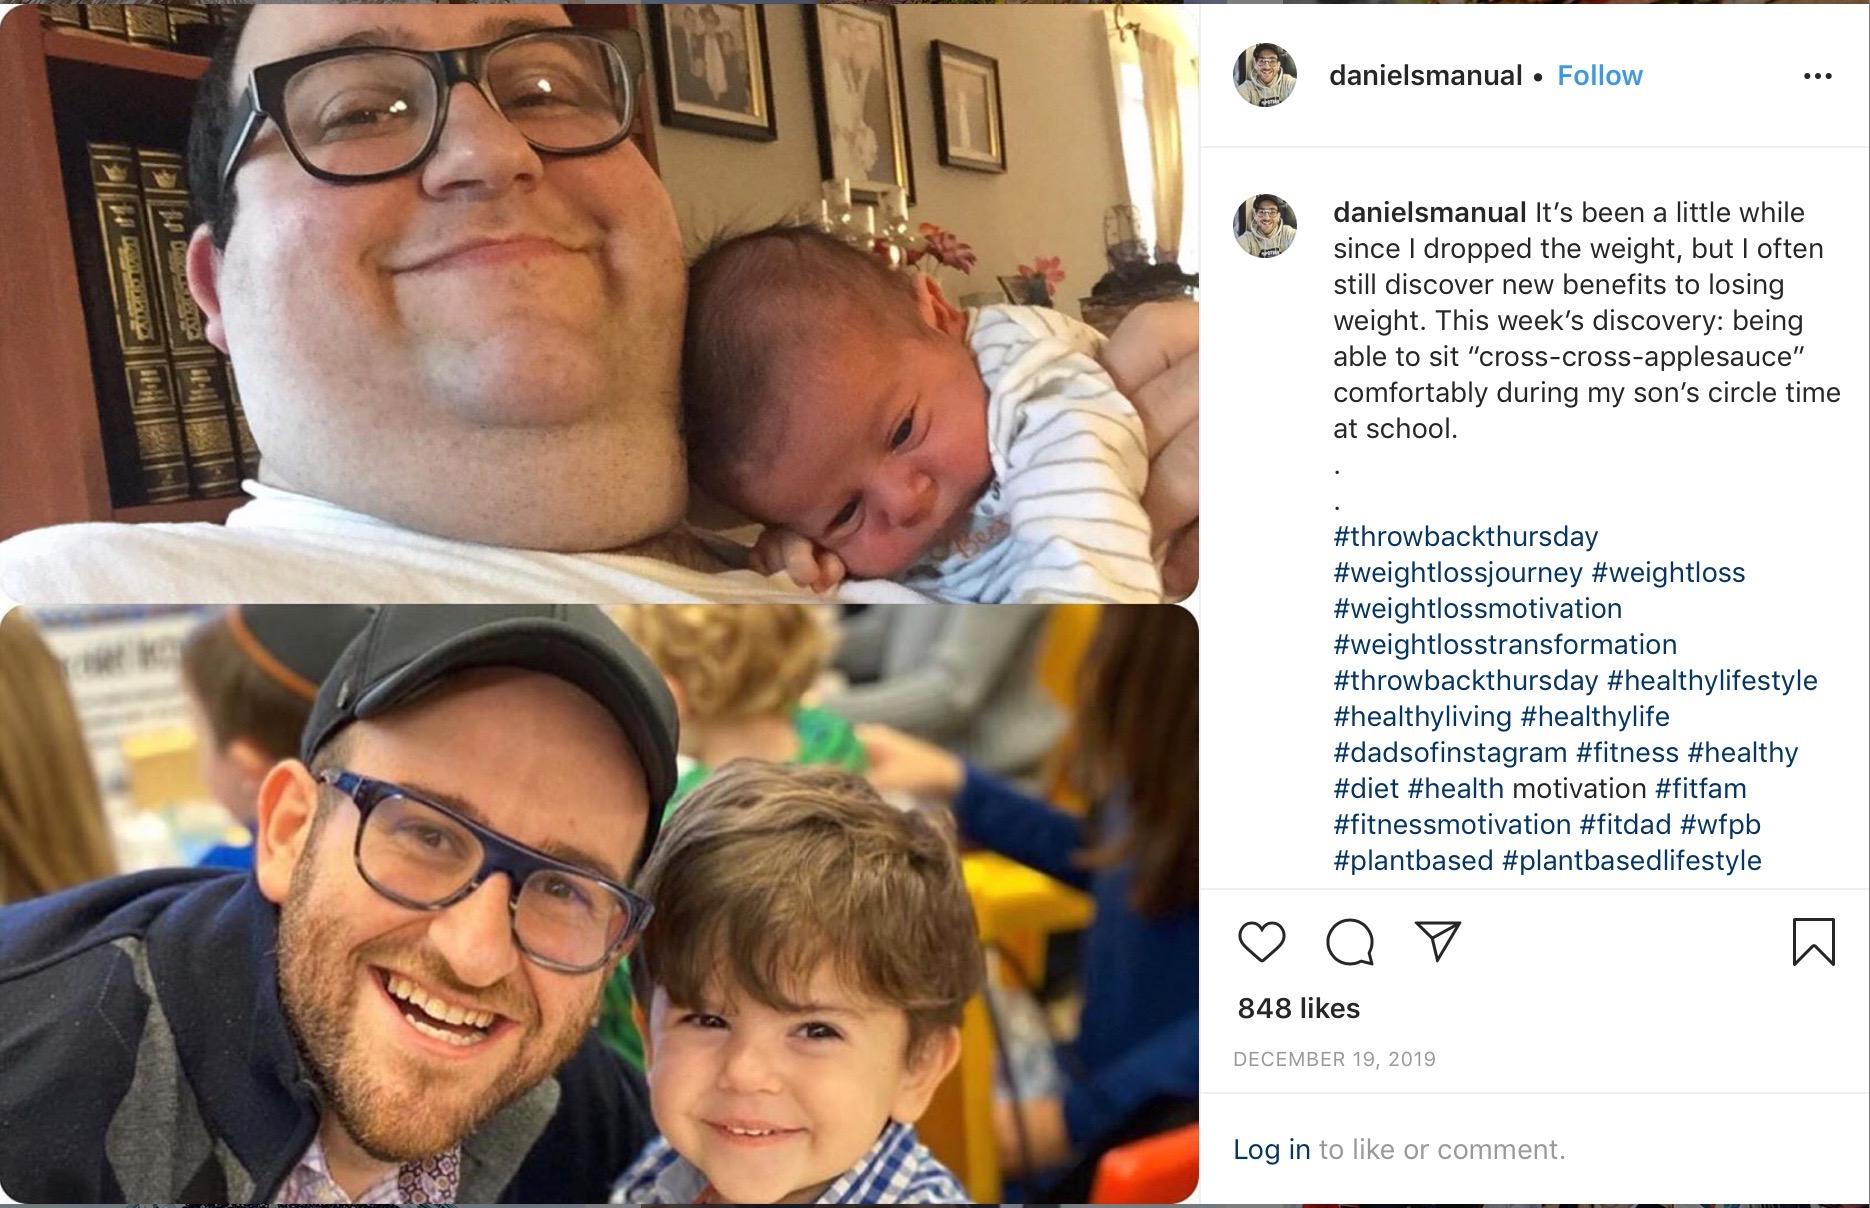 Follow @DanielsManual on Instagram